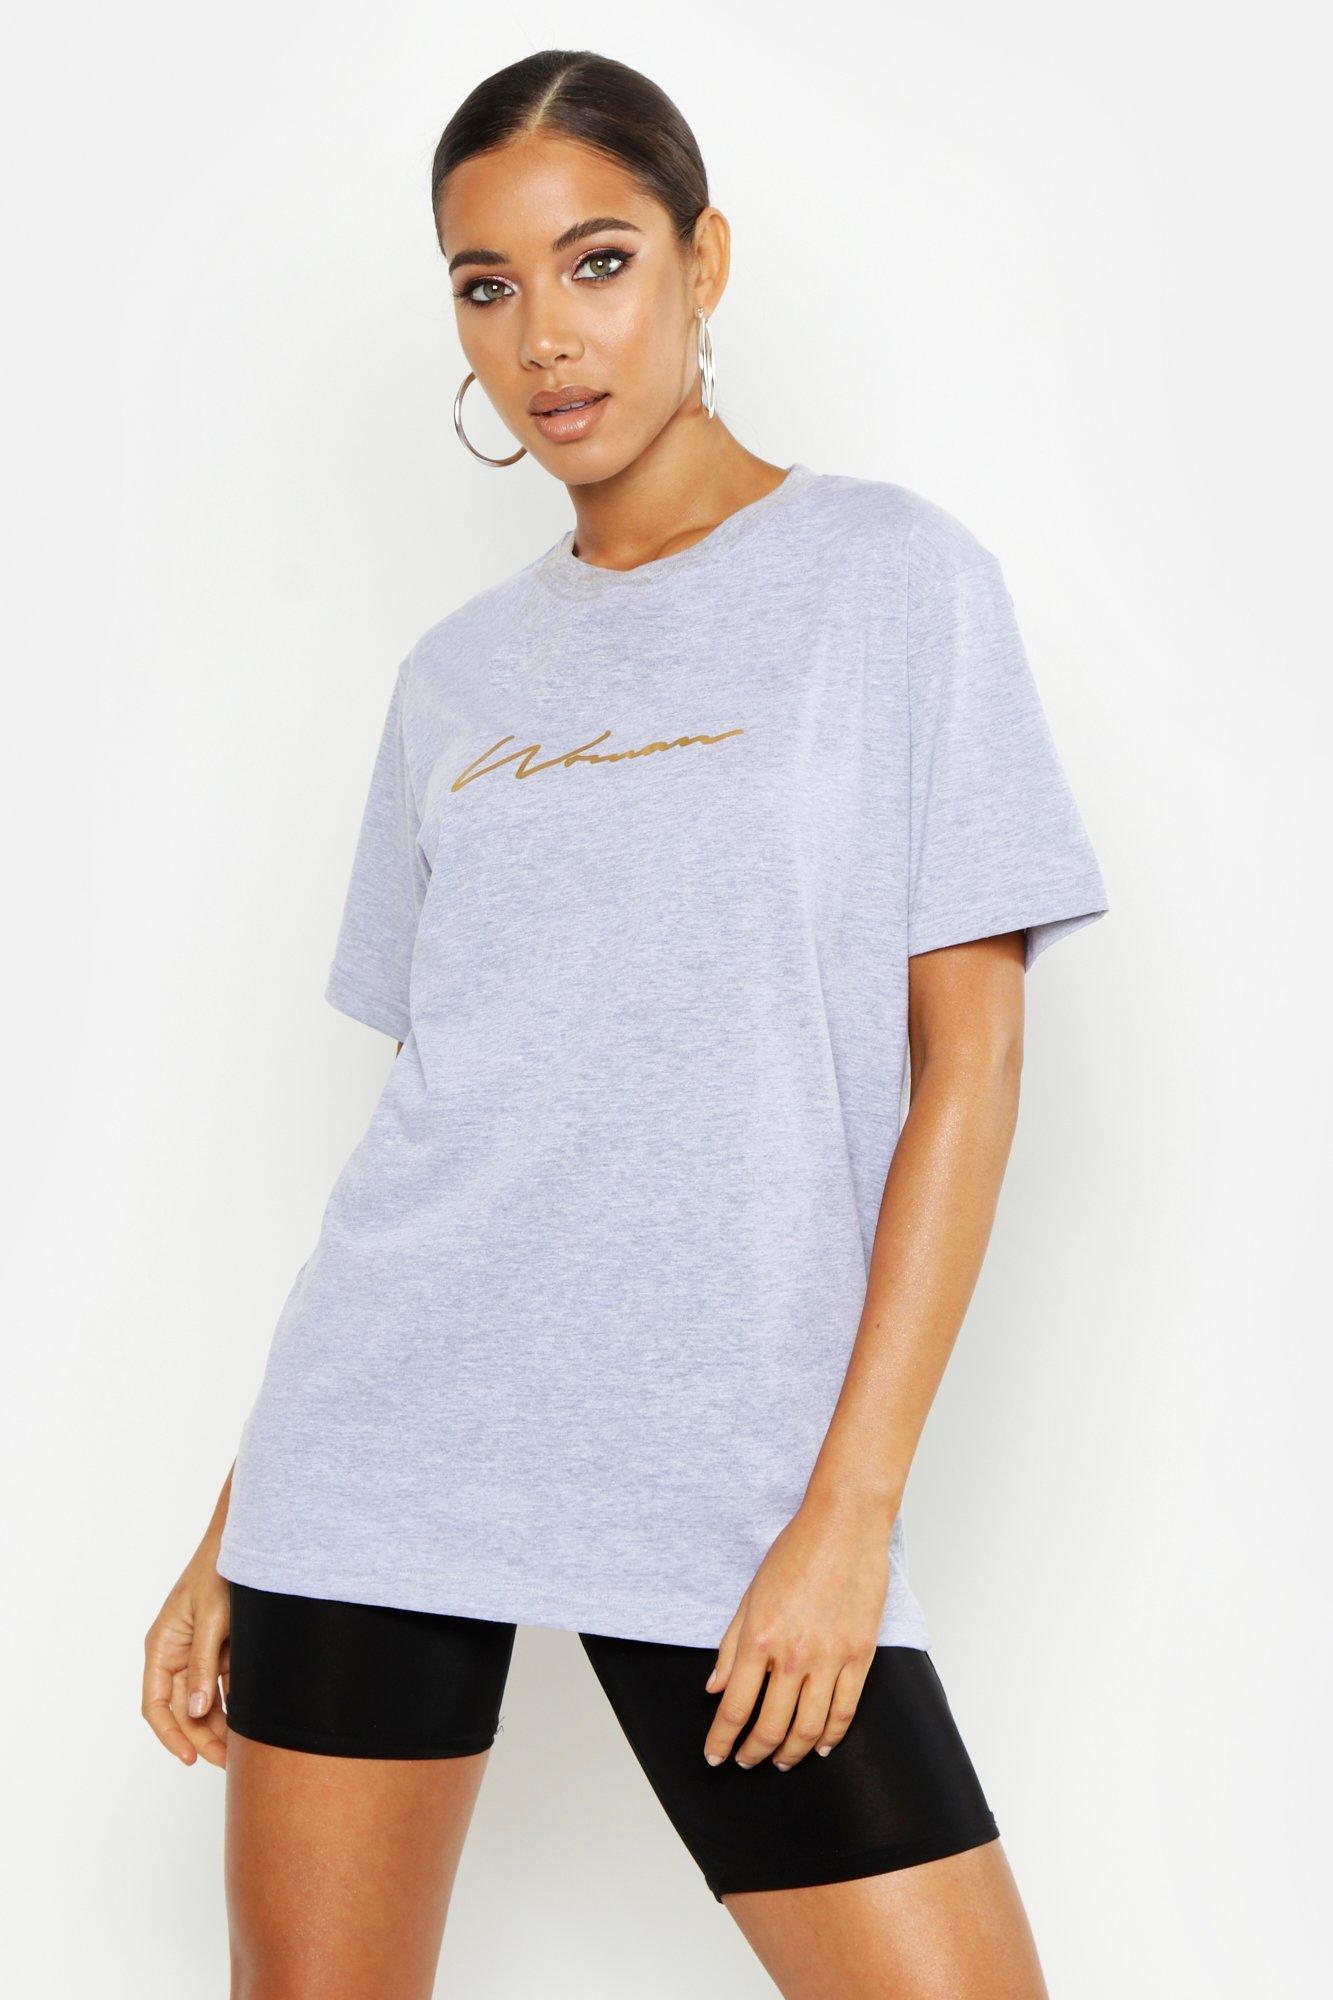 Womens T-Shirt mit Woman-Slogan aus Goldfolie - Grau meliert - 34, Grau Meliert - Boohoo.com